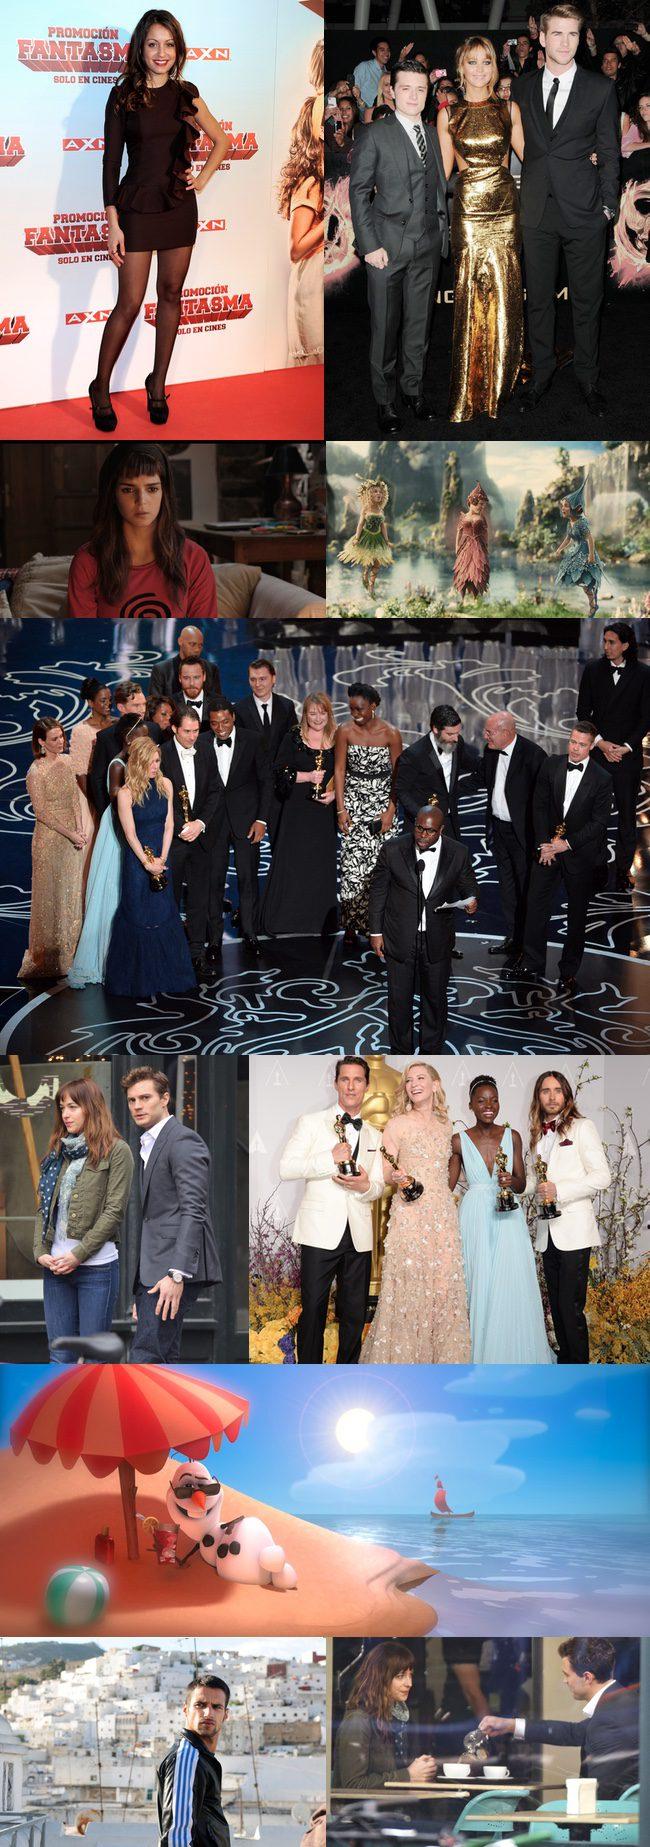 Las diez imágenes más vistas en 2014